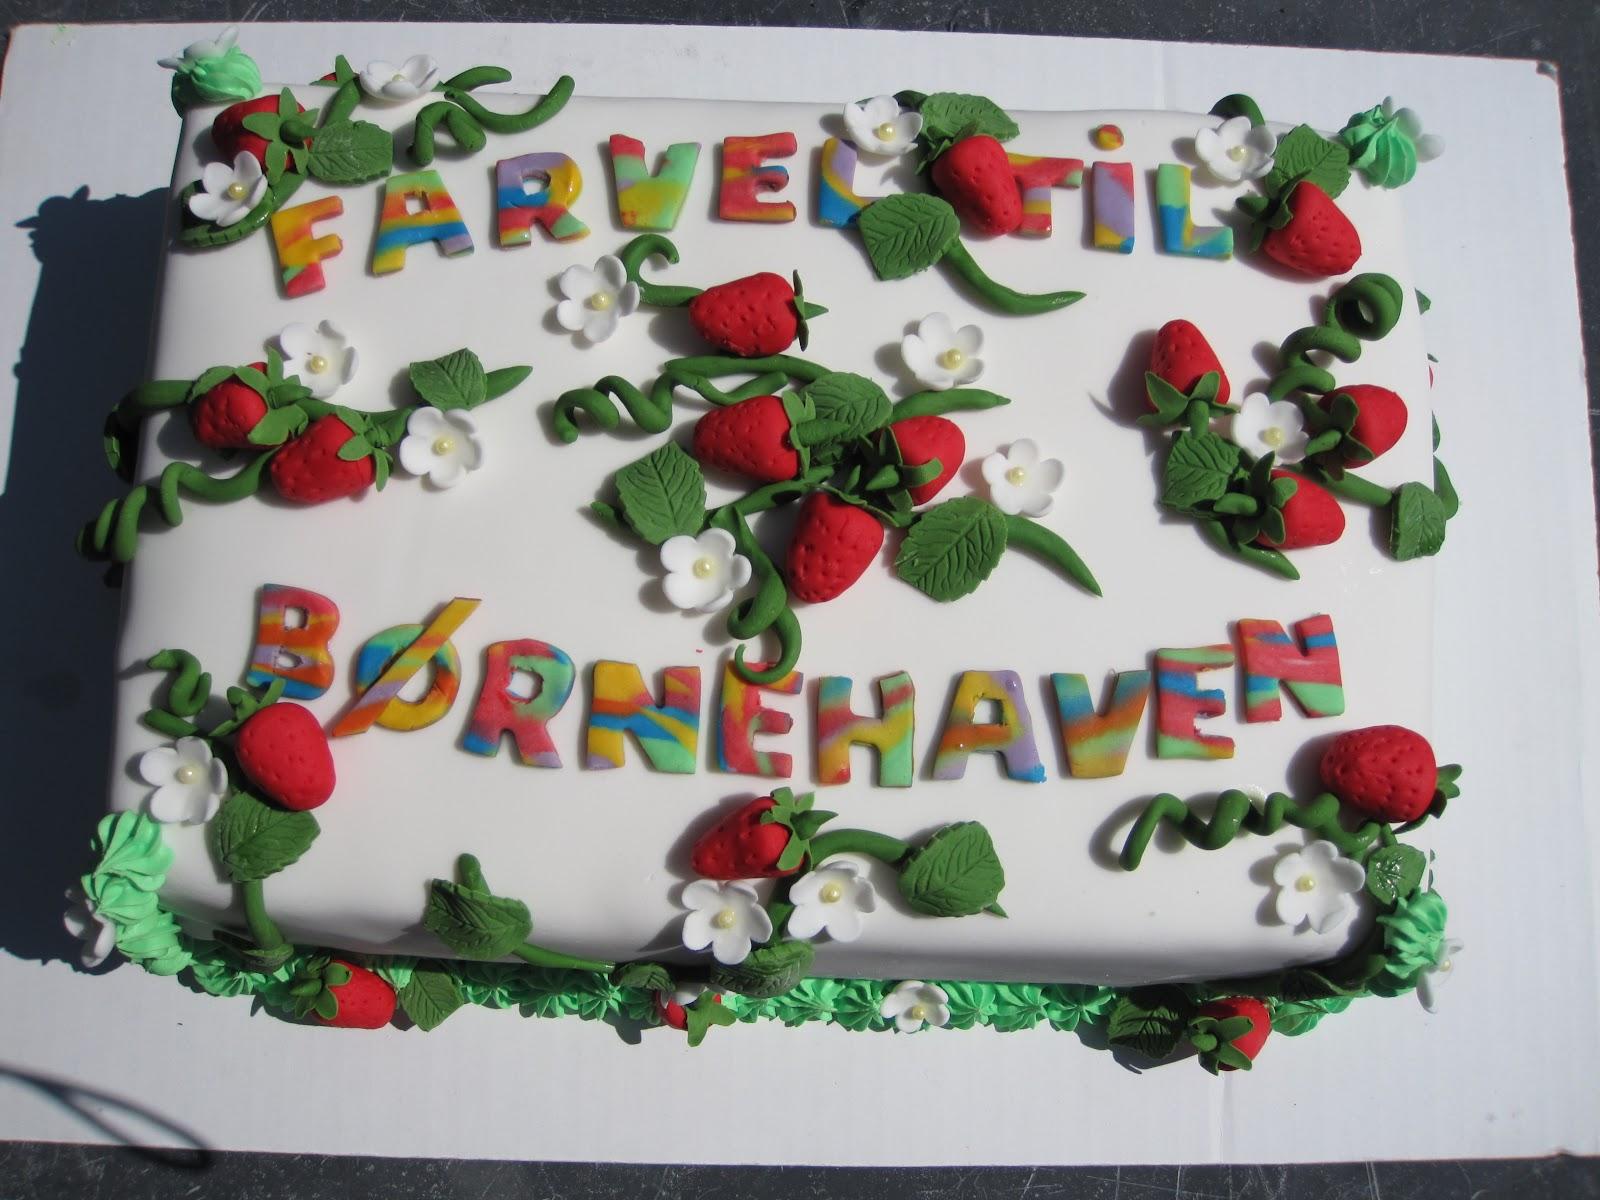 fødselsdagskage til børnehaven